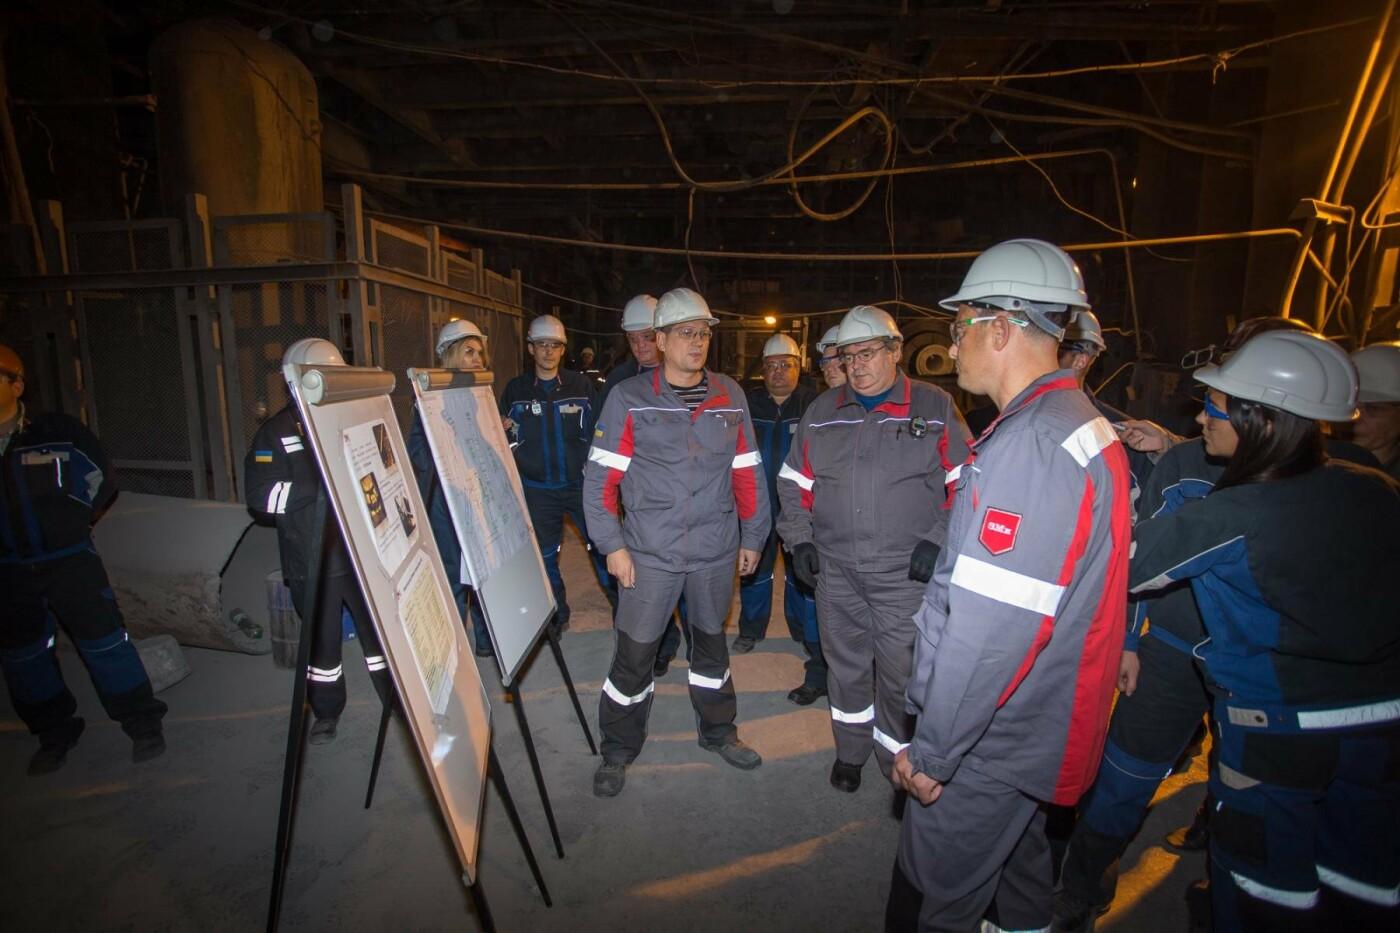 Актуально для каменчан: на ДМК отчитались о промежуточных итогах выполнения взятых на себя экологических обязательств, фото-3